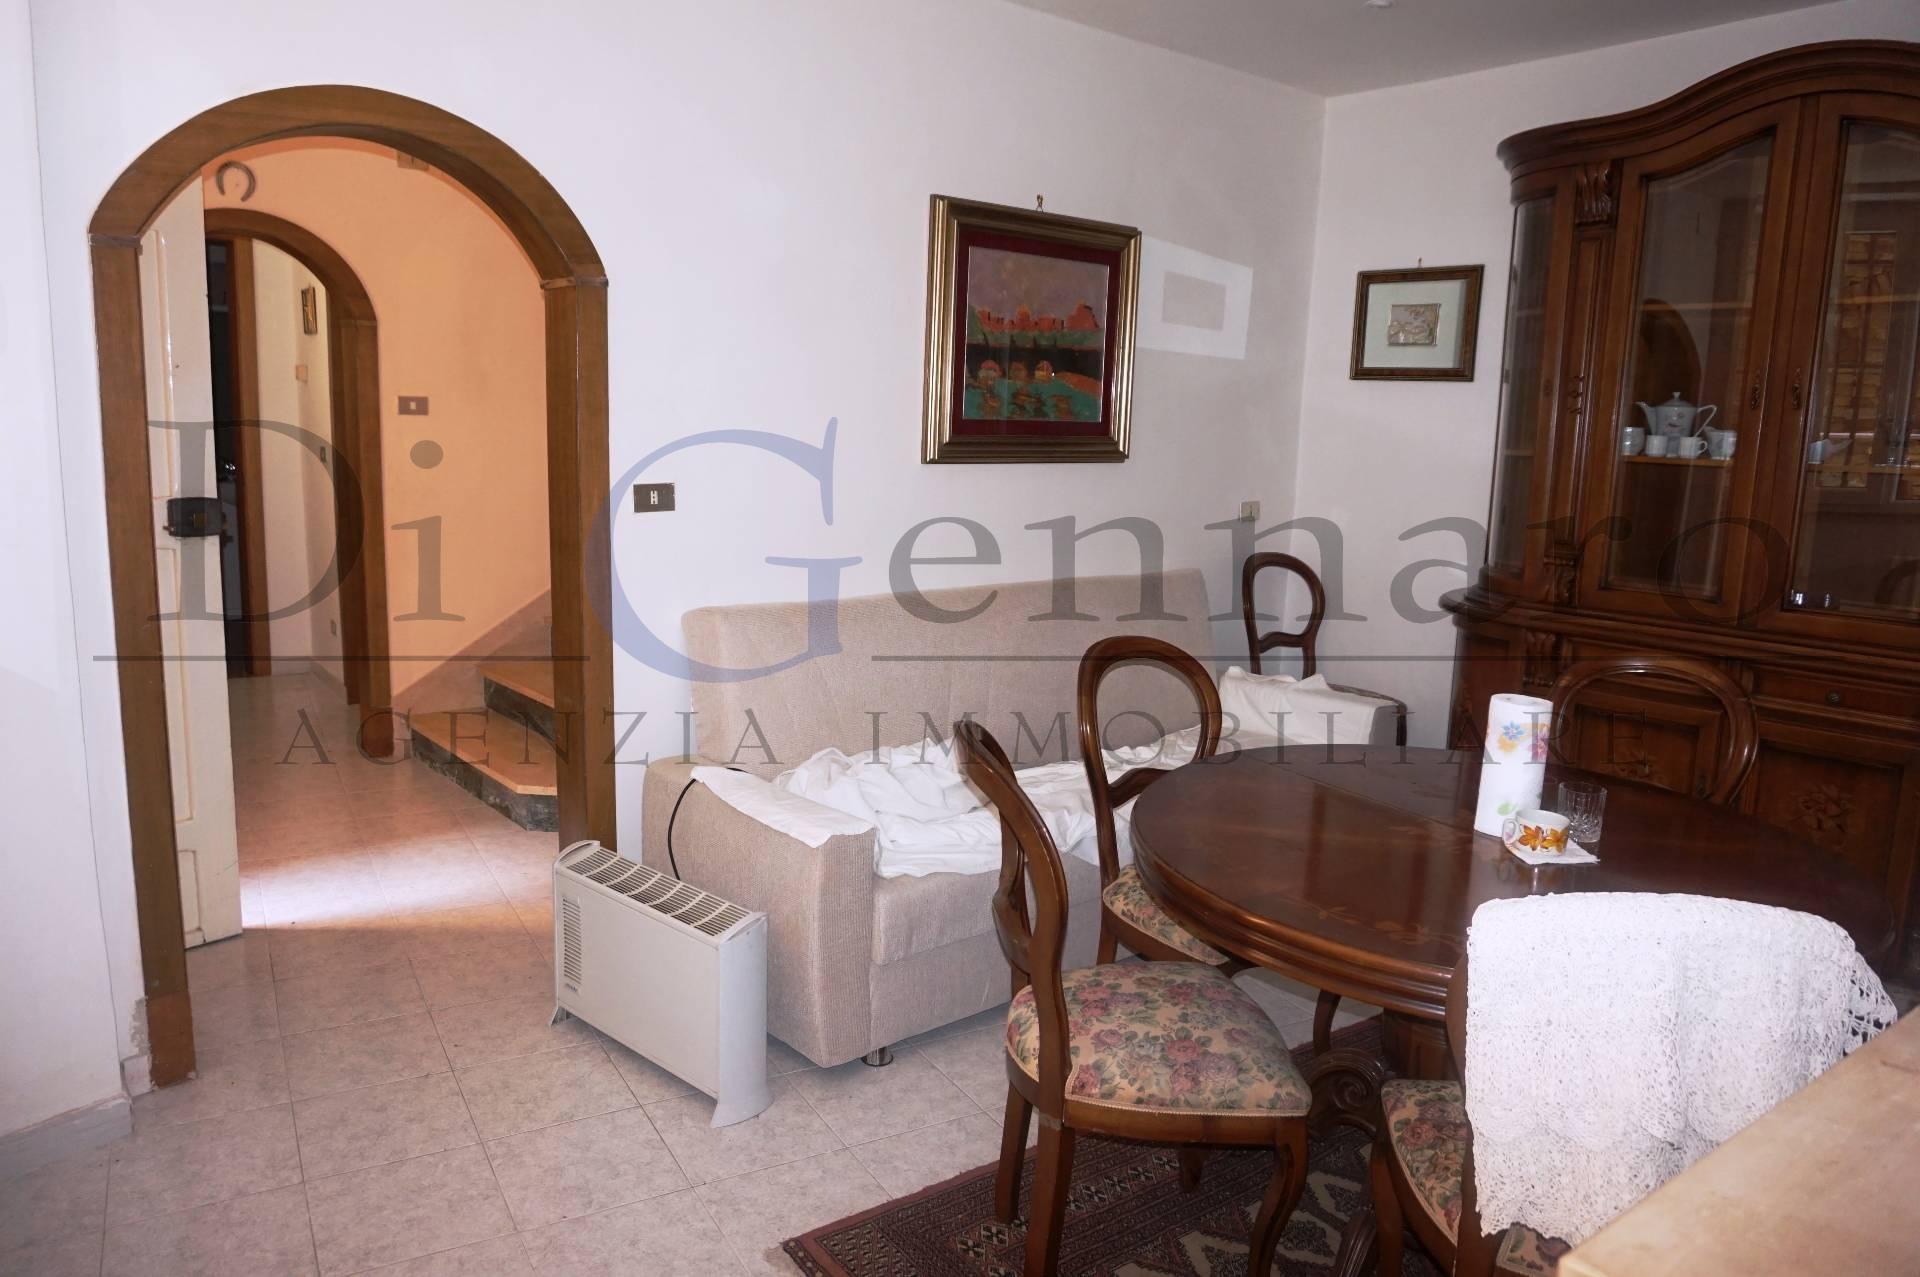 Soluzione Indipendente in affitto a Tortoreto, 5 locali, zona Località: TortoretoAlta, prezzo € 500   Cambio Casa.it